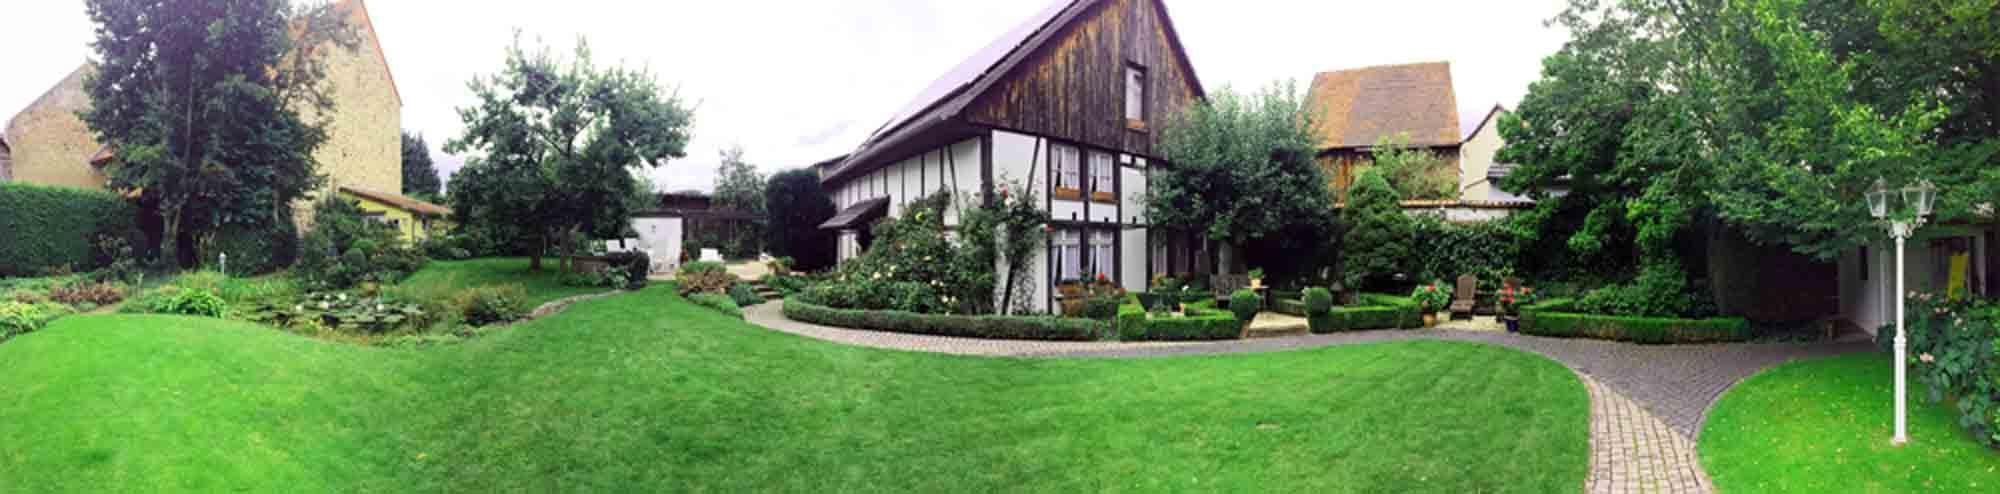 Panoramablick in den Garten mit Teich (links), Gartenhaus und Scheunengalerie mit Atelier (Mitte) in Garbeneich